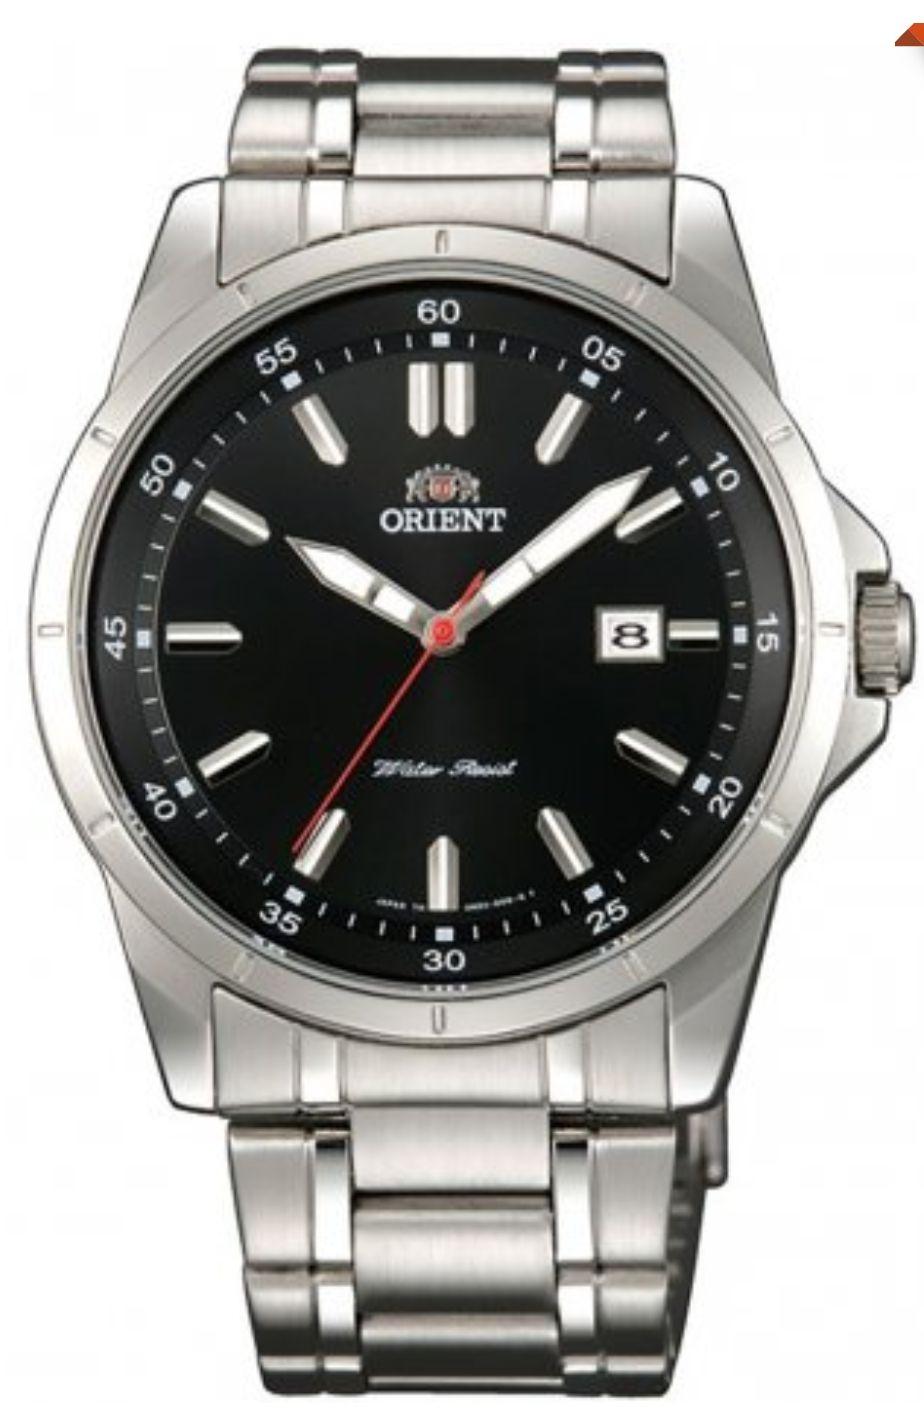 Zegarek ORIENT FUND3002B kwarcowy. Stal chirurgiczna. Męski 40mm.